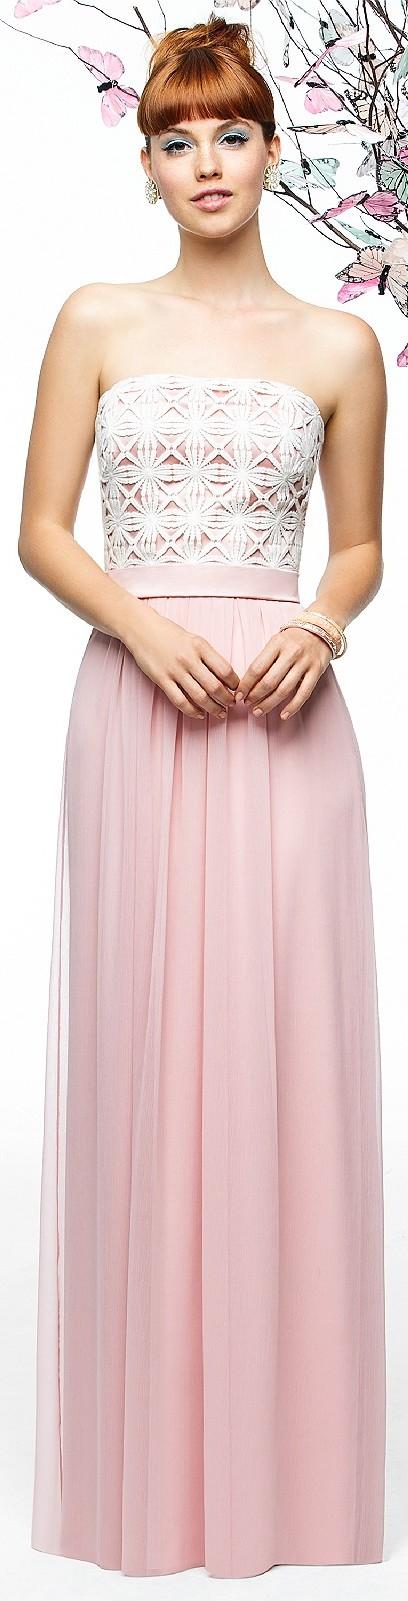 Lela Rose | Gowns-Belle of the Ball! | Pinterest | Vestido elegante ...